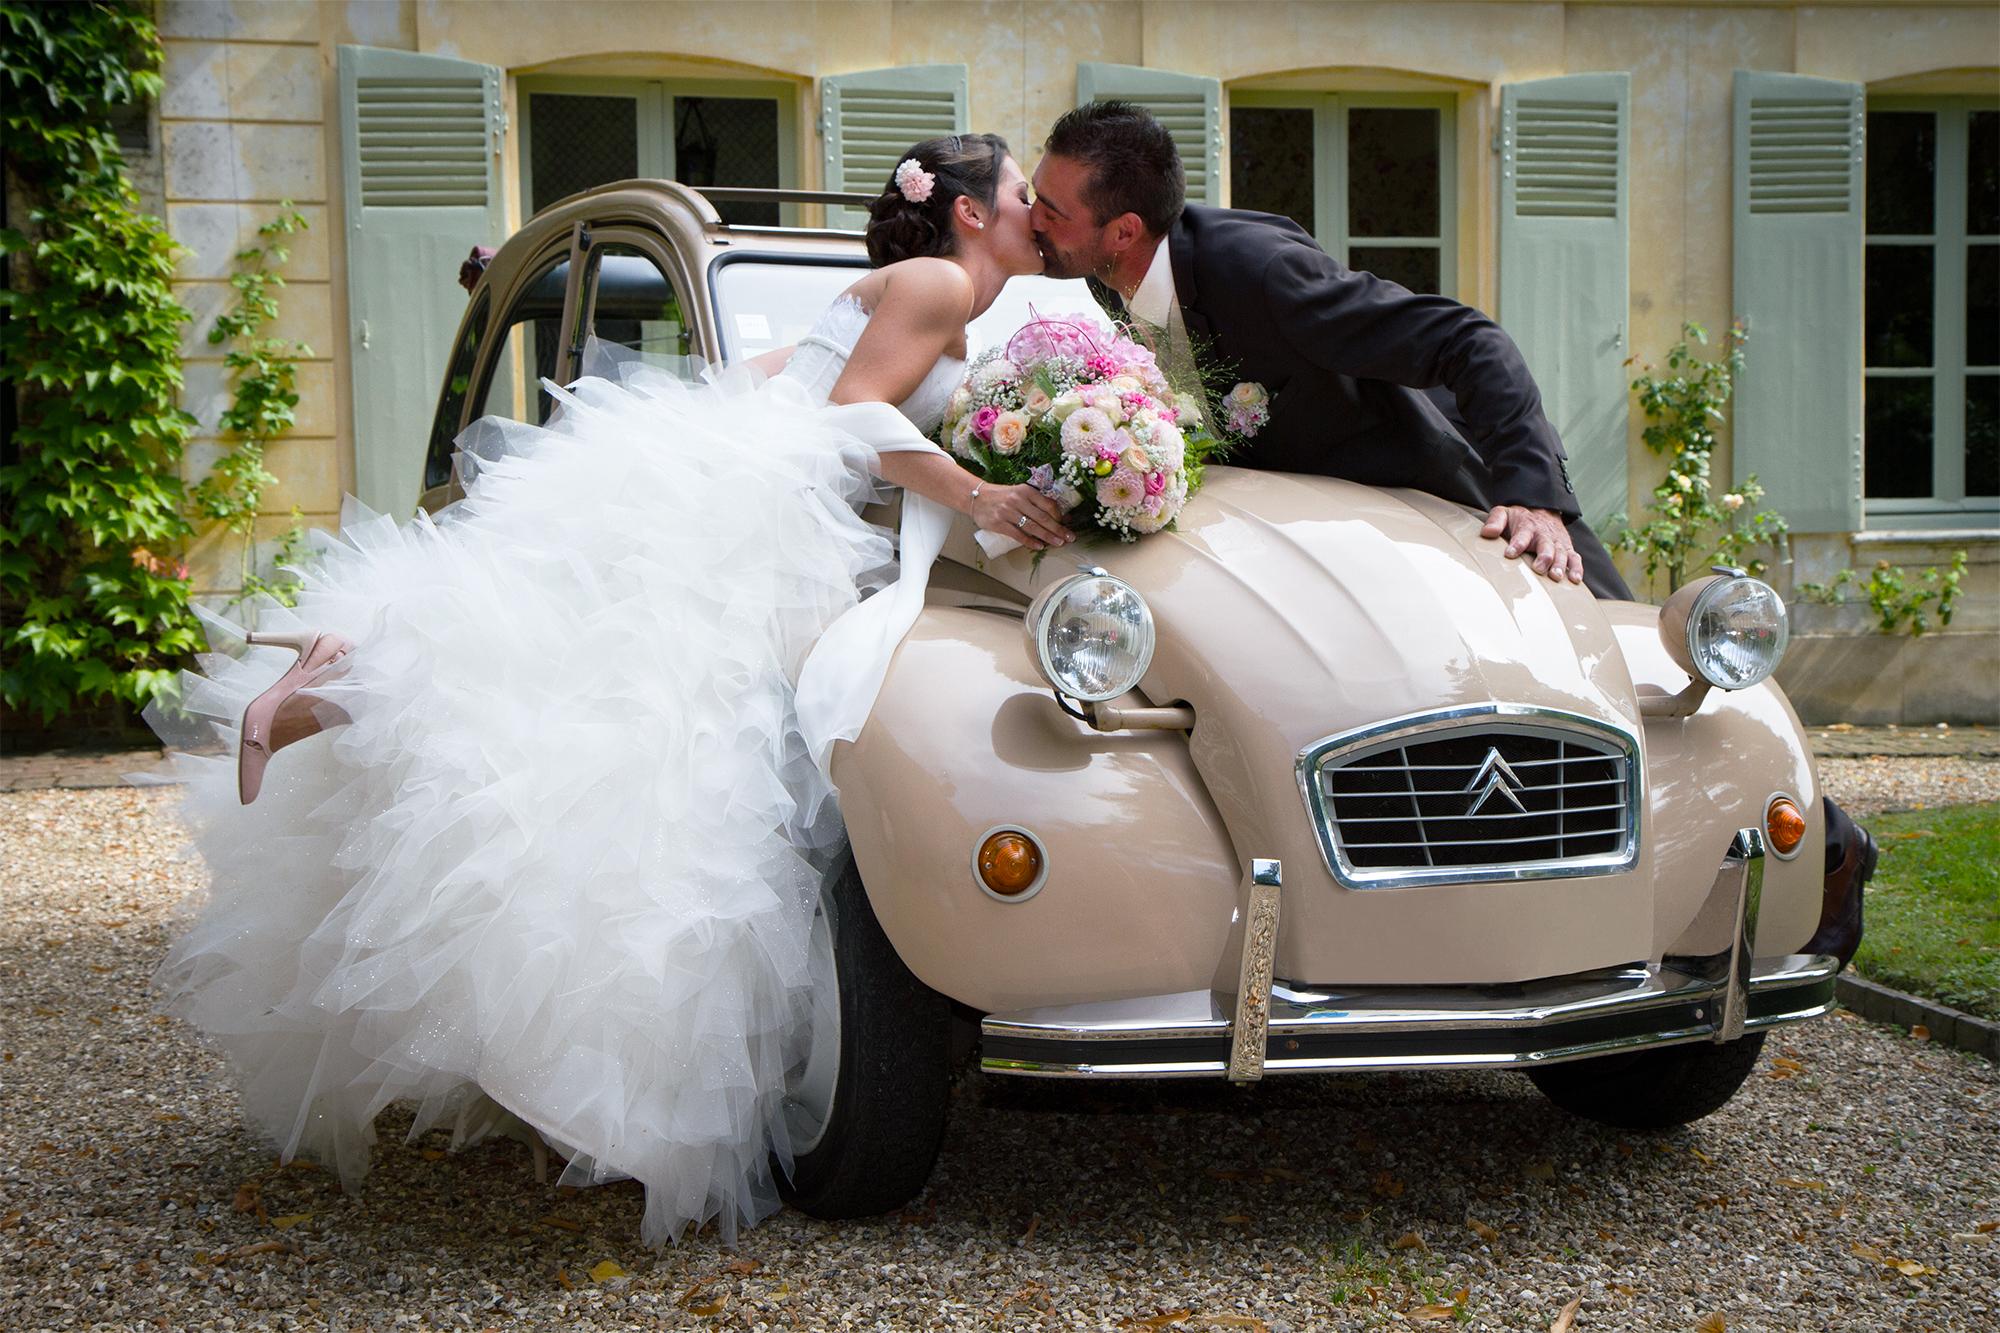 mon mariage en 2cv - Location 2cv Mariage